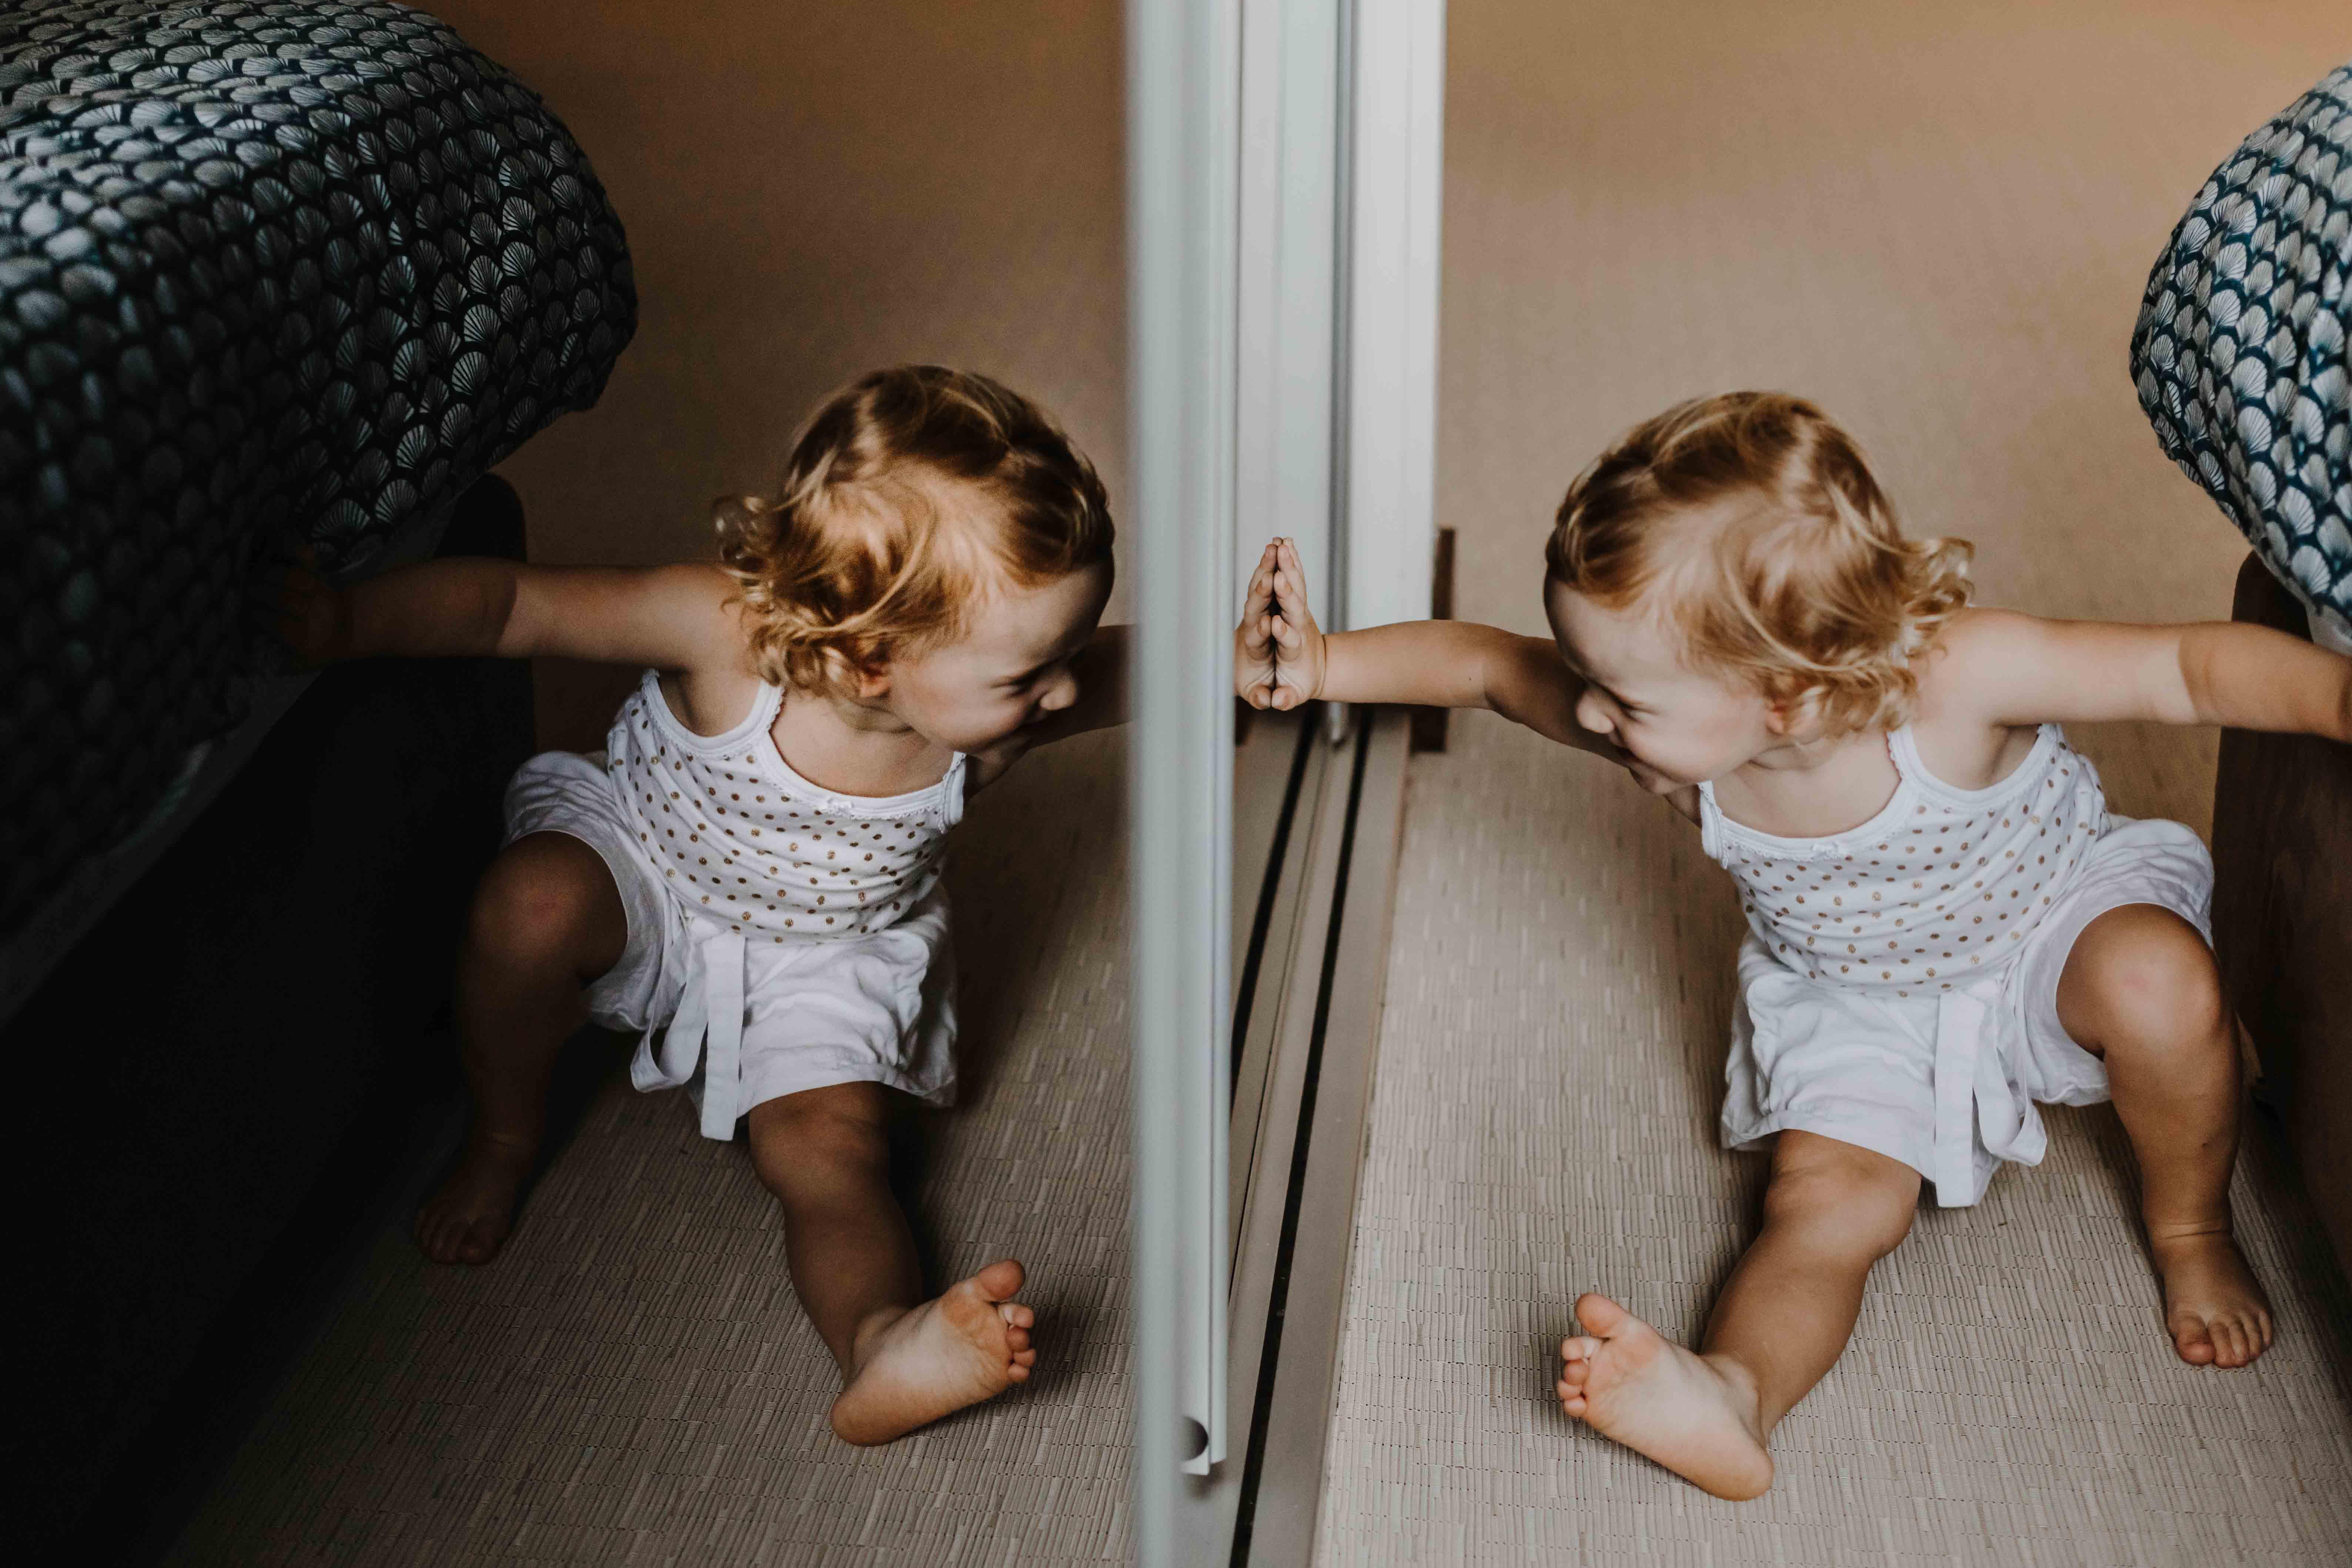 Petite fille qui joue dans la chambre, avec son reflet dans la vitre du placard